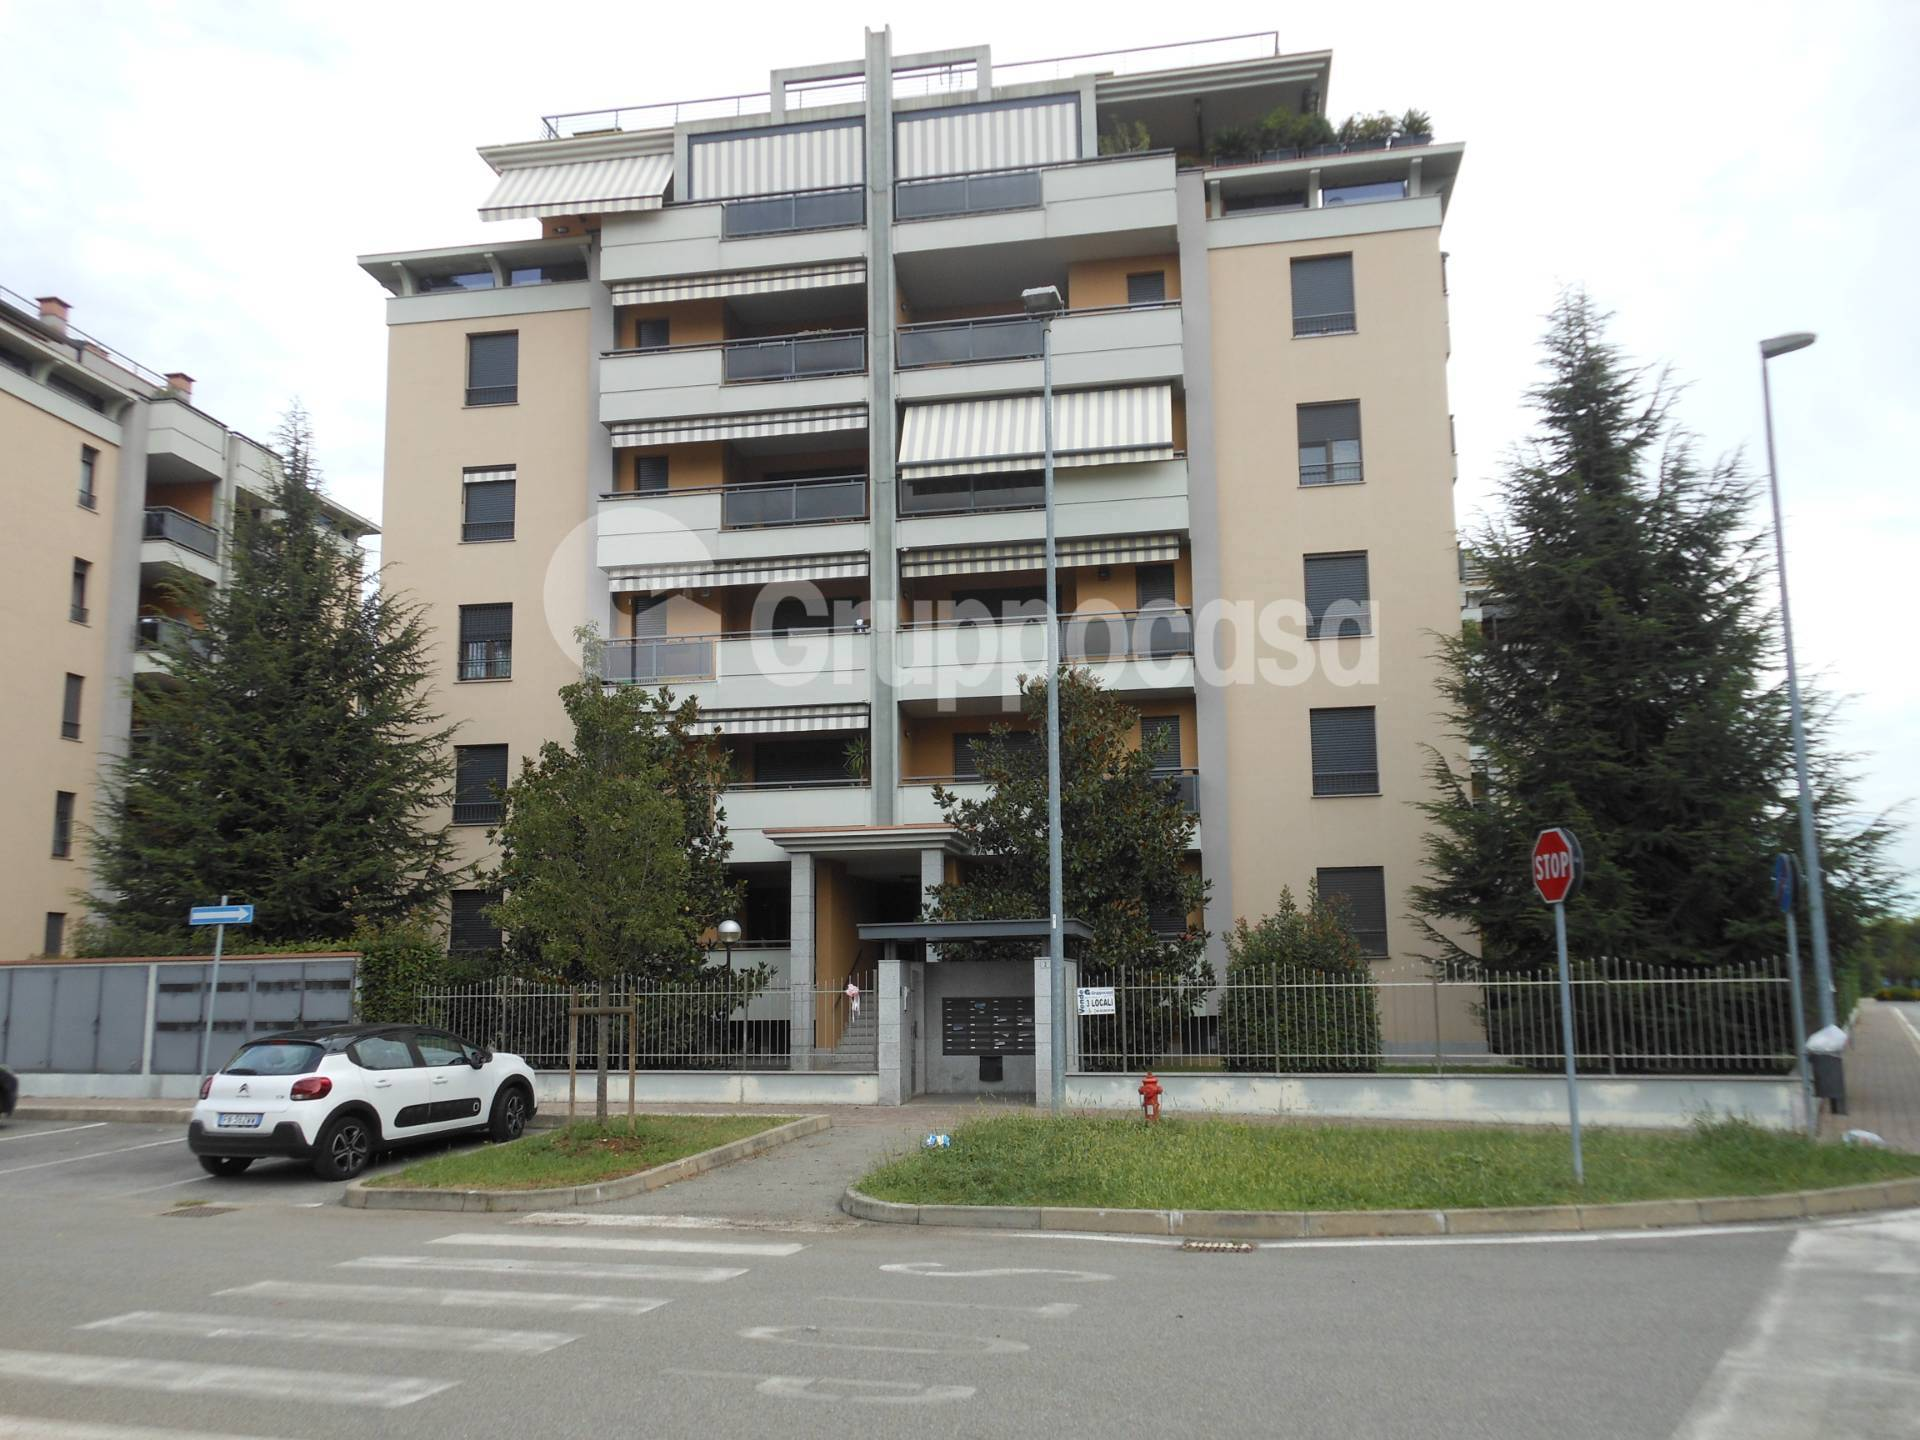 Appartamento in vendita a Magenta, 3 locali, prezzo € 180.000 | PortaleAgenzieImmobiliari.it